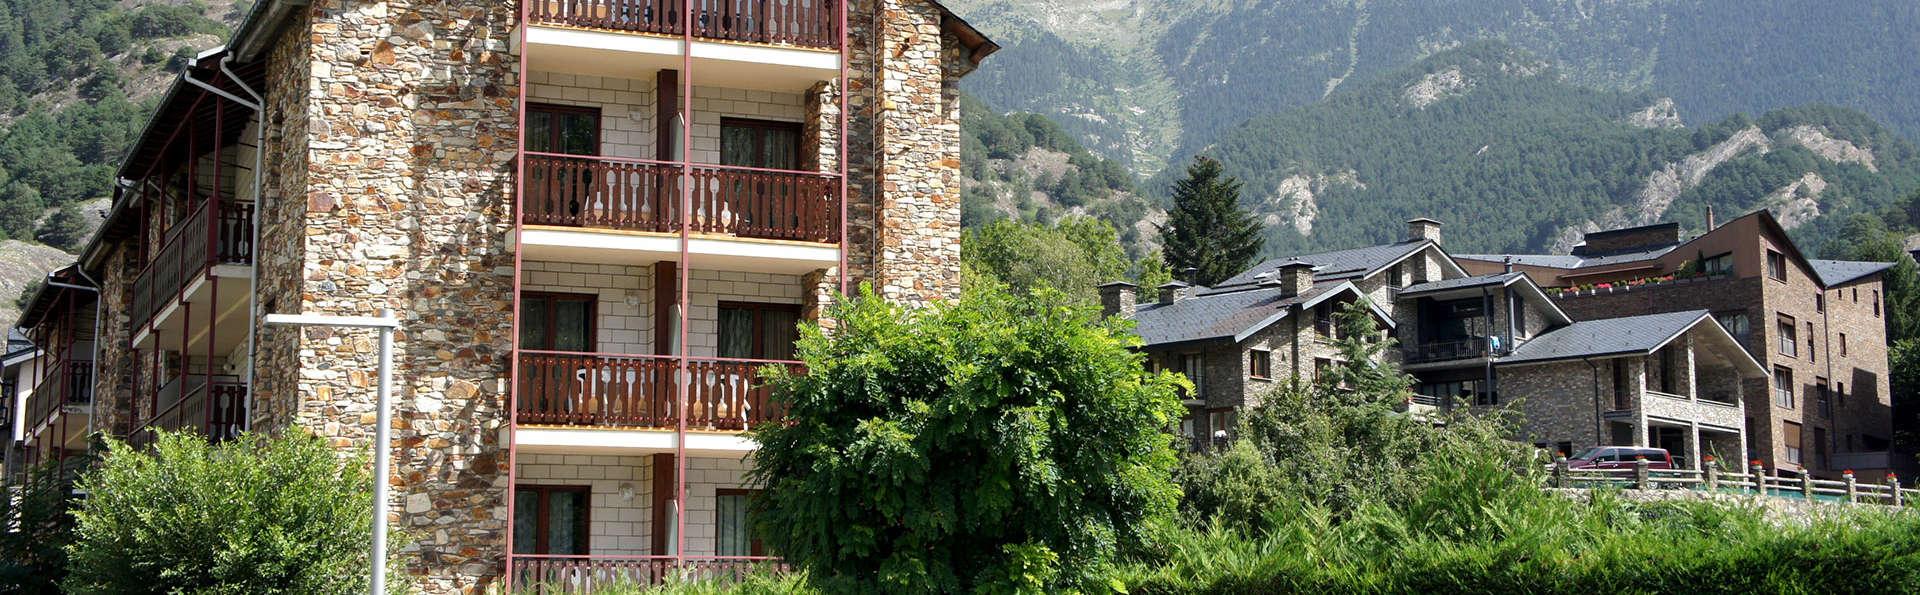 Hotel La Planada - EDIT_front1.jpg